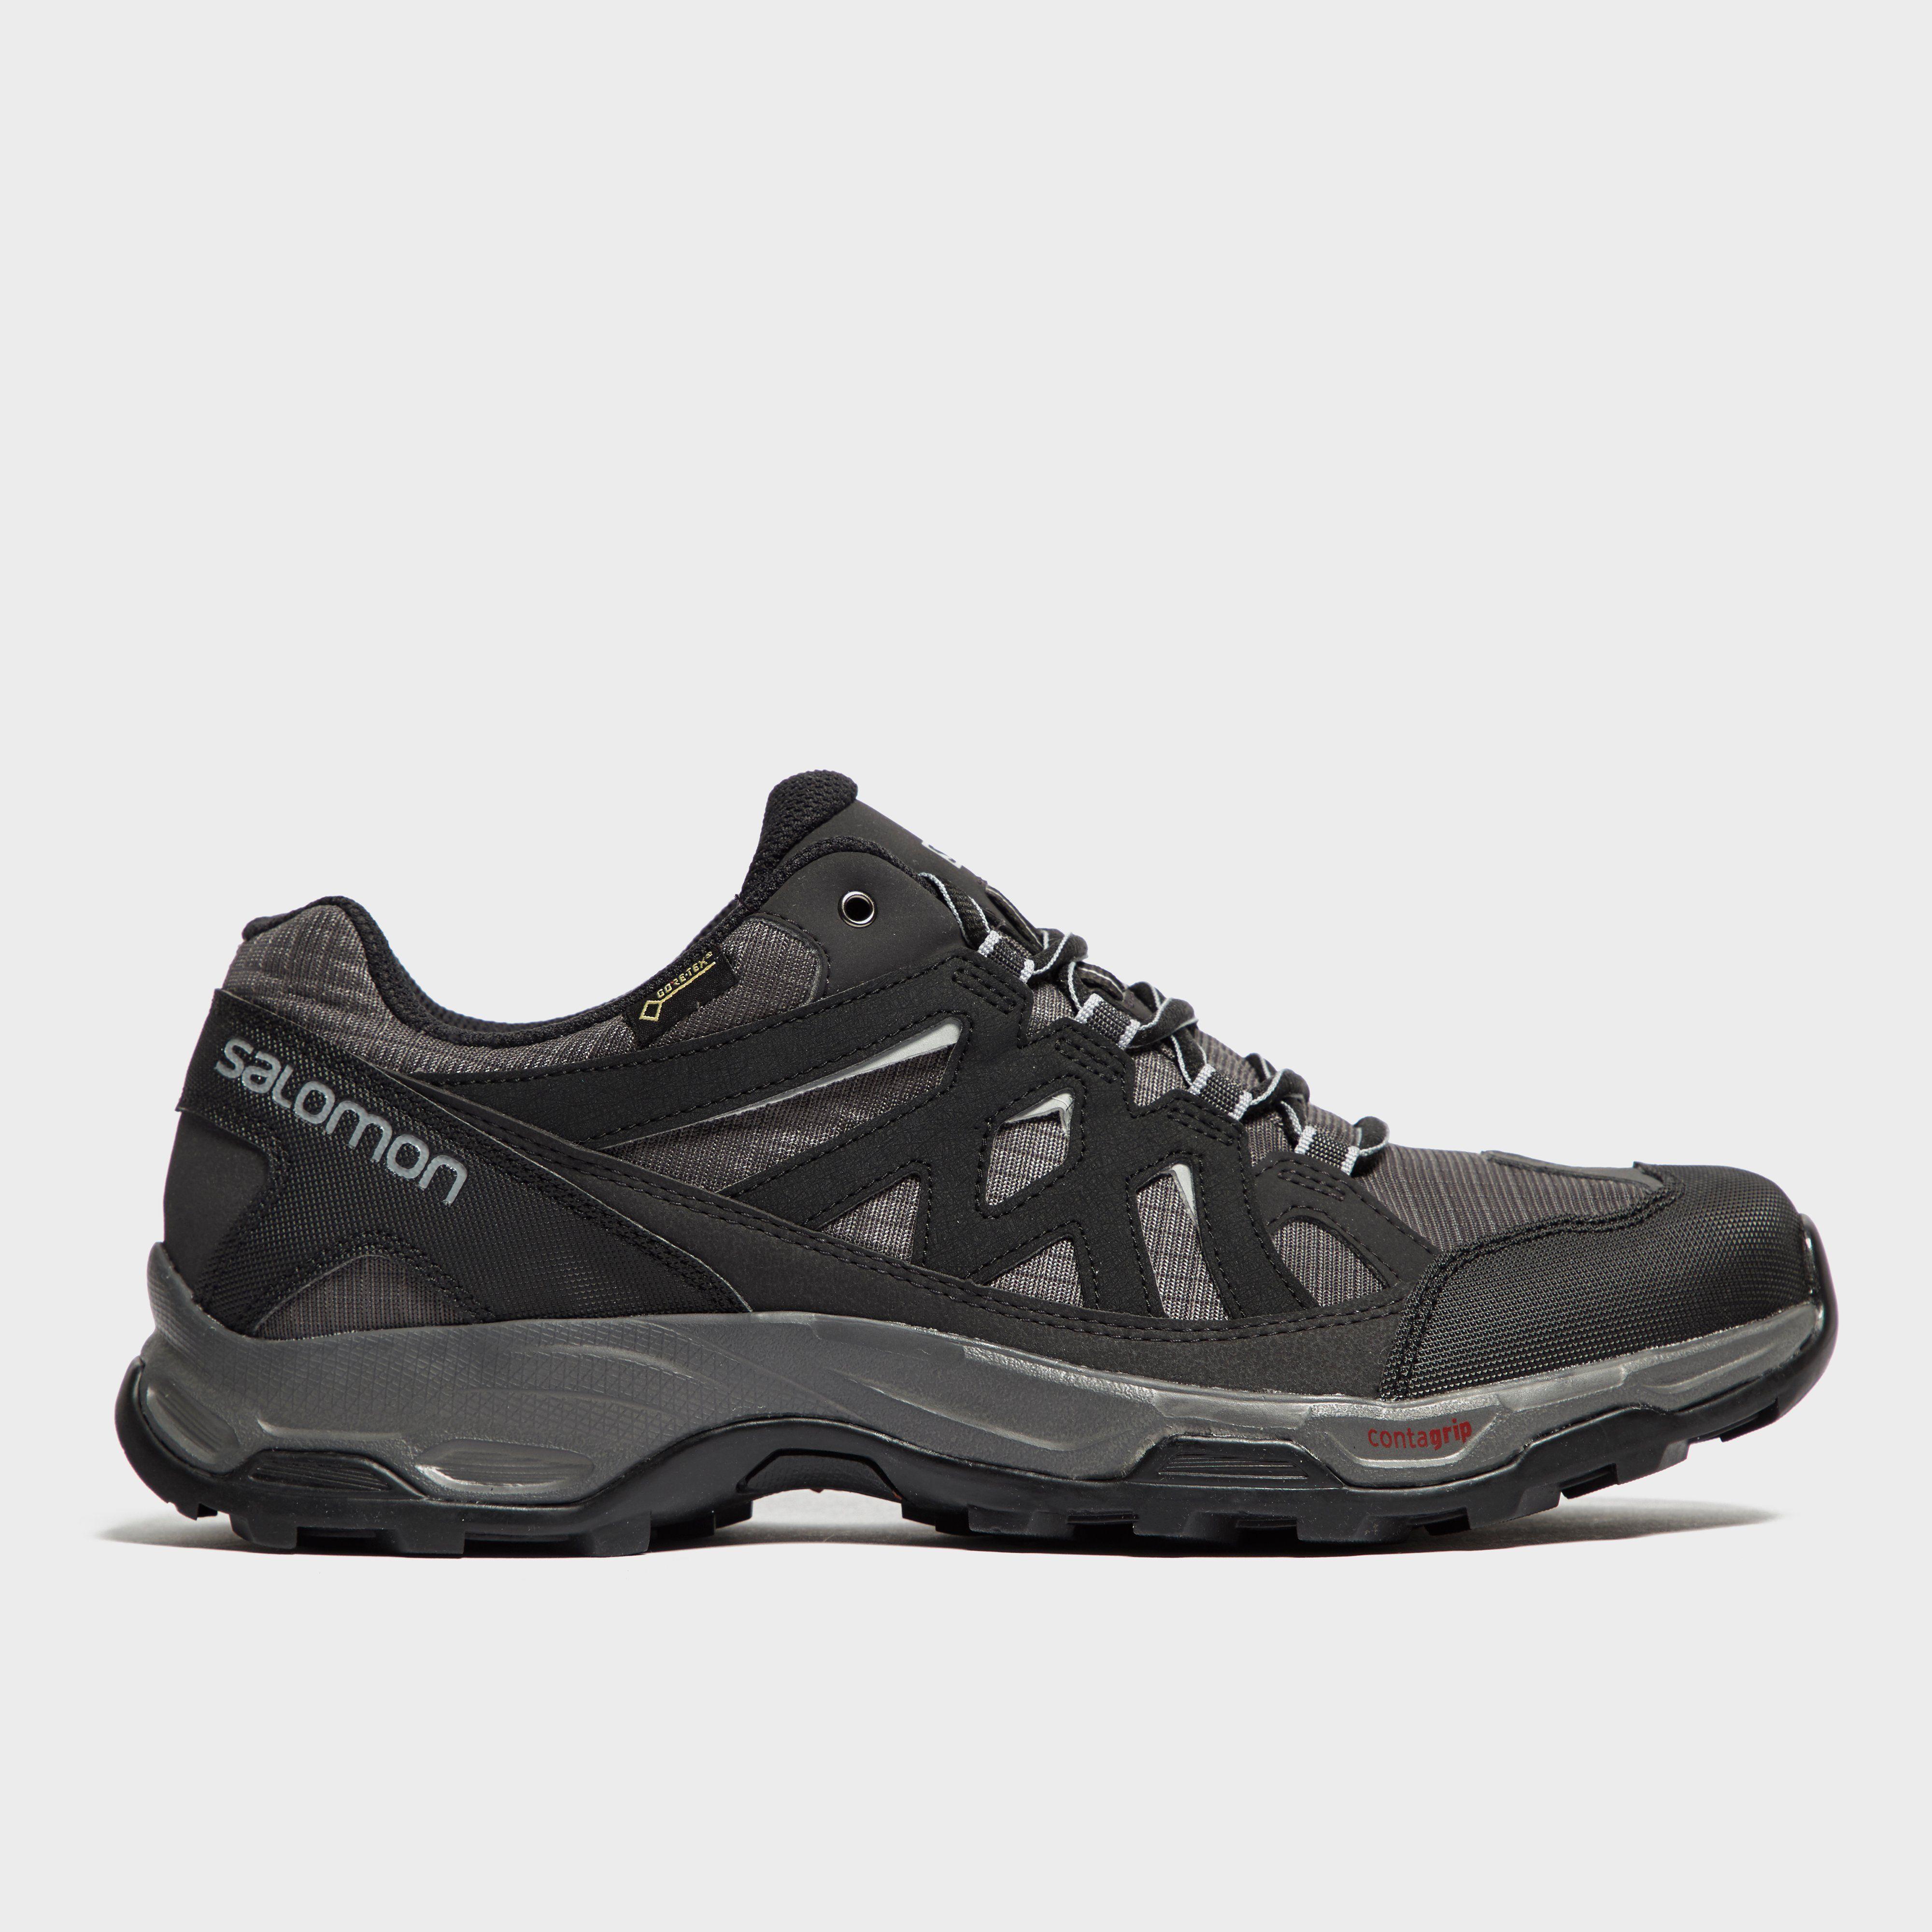 SALOMON Men's Effect GORE-TEX® Shoes